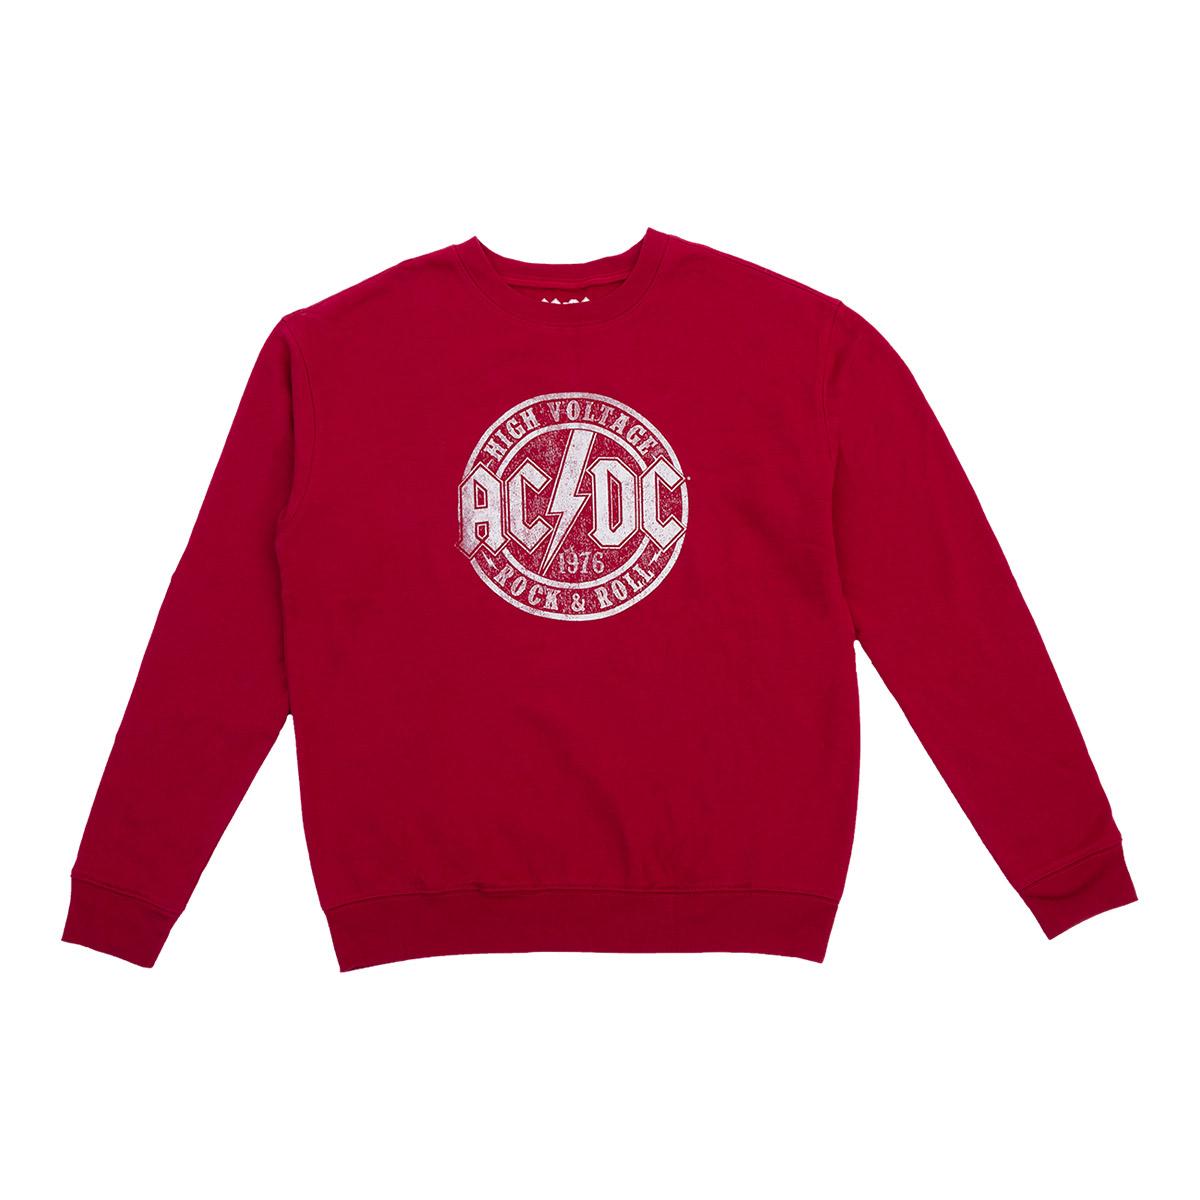 AC/DC High Voltage 1976 Ladies Red Sweatshirt